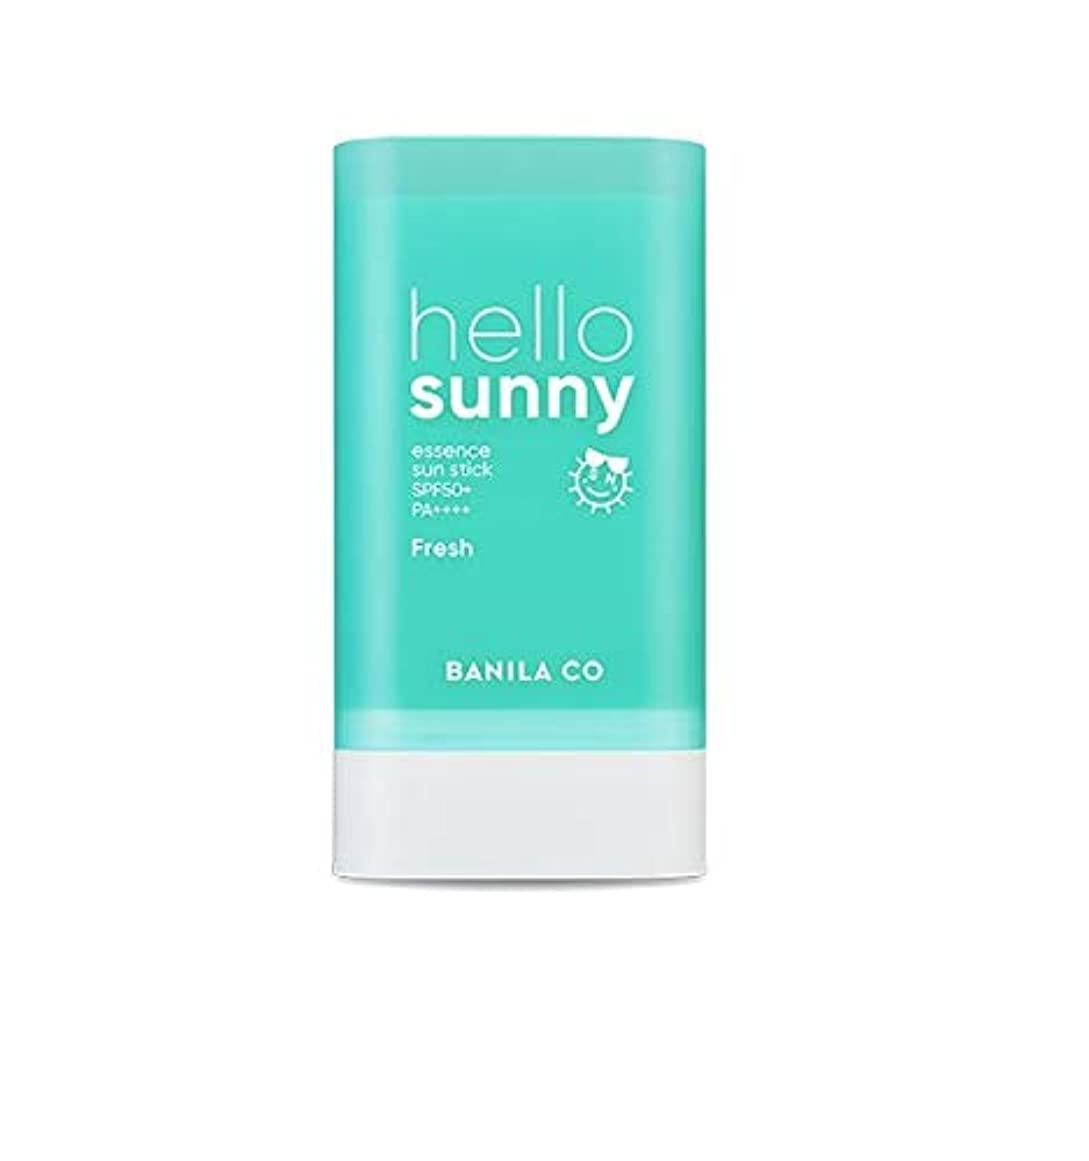 出くわす葉っぱターミナルbanilaco ハローサニーエッセンスサンスティックフレッシュ/Hello Sunny Essence SunStick Fresh 18.5g [並行輸入品]